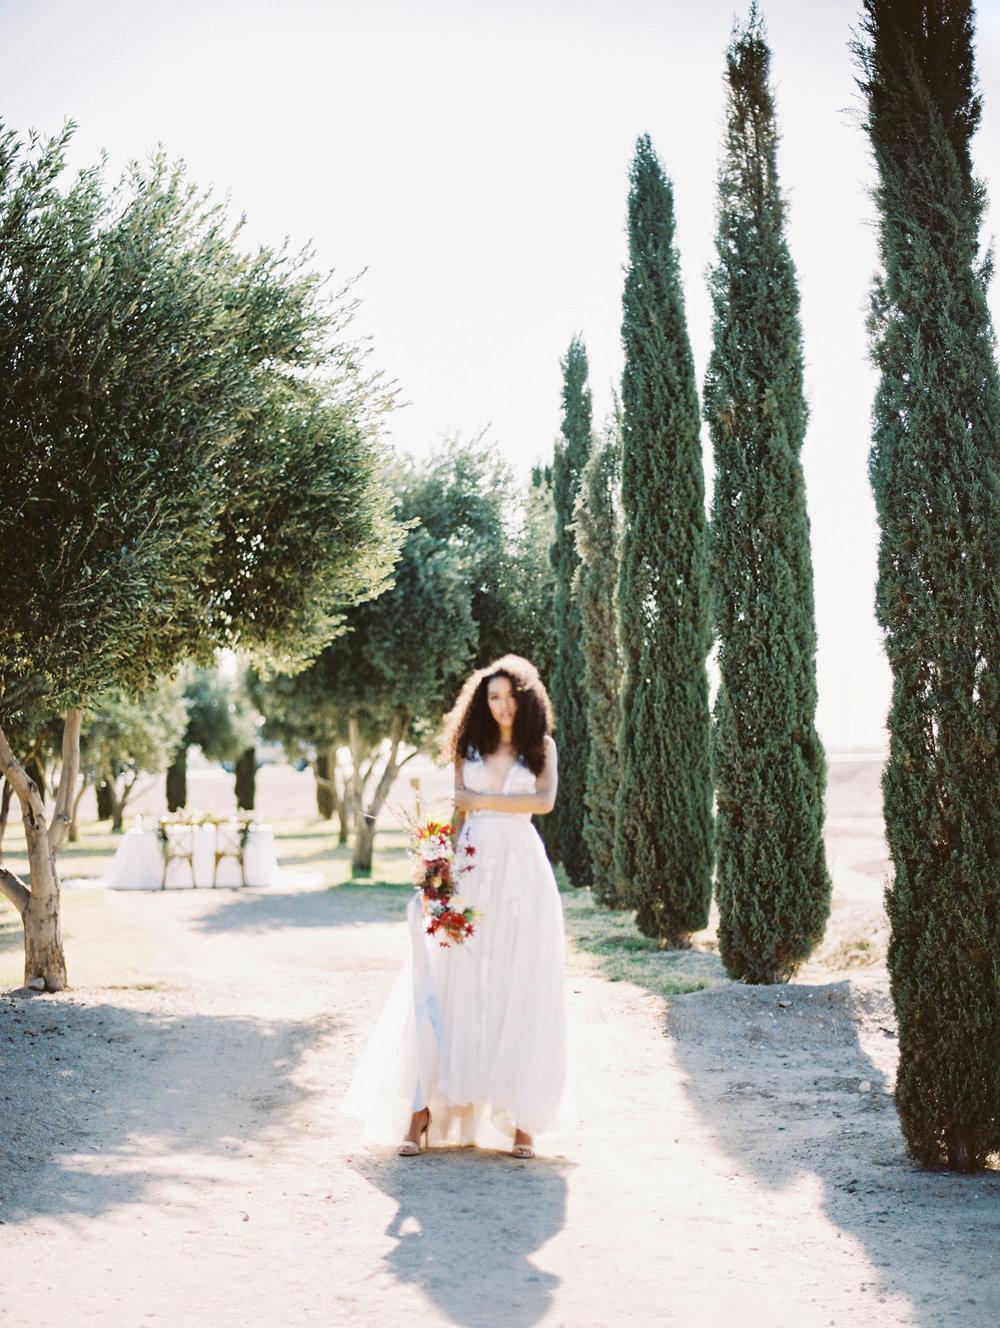 olivemillqueencreekphoenixscottsdaleweddingphotographerJustinDouglasPhotography00116.jpg